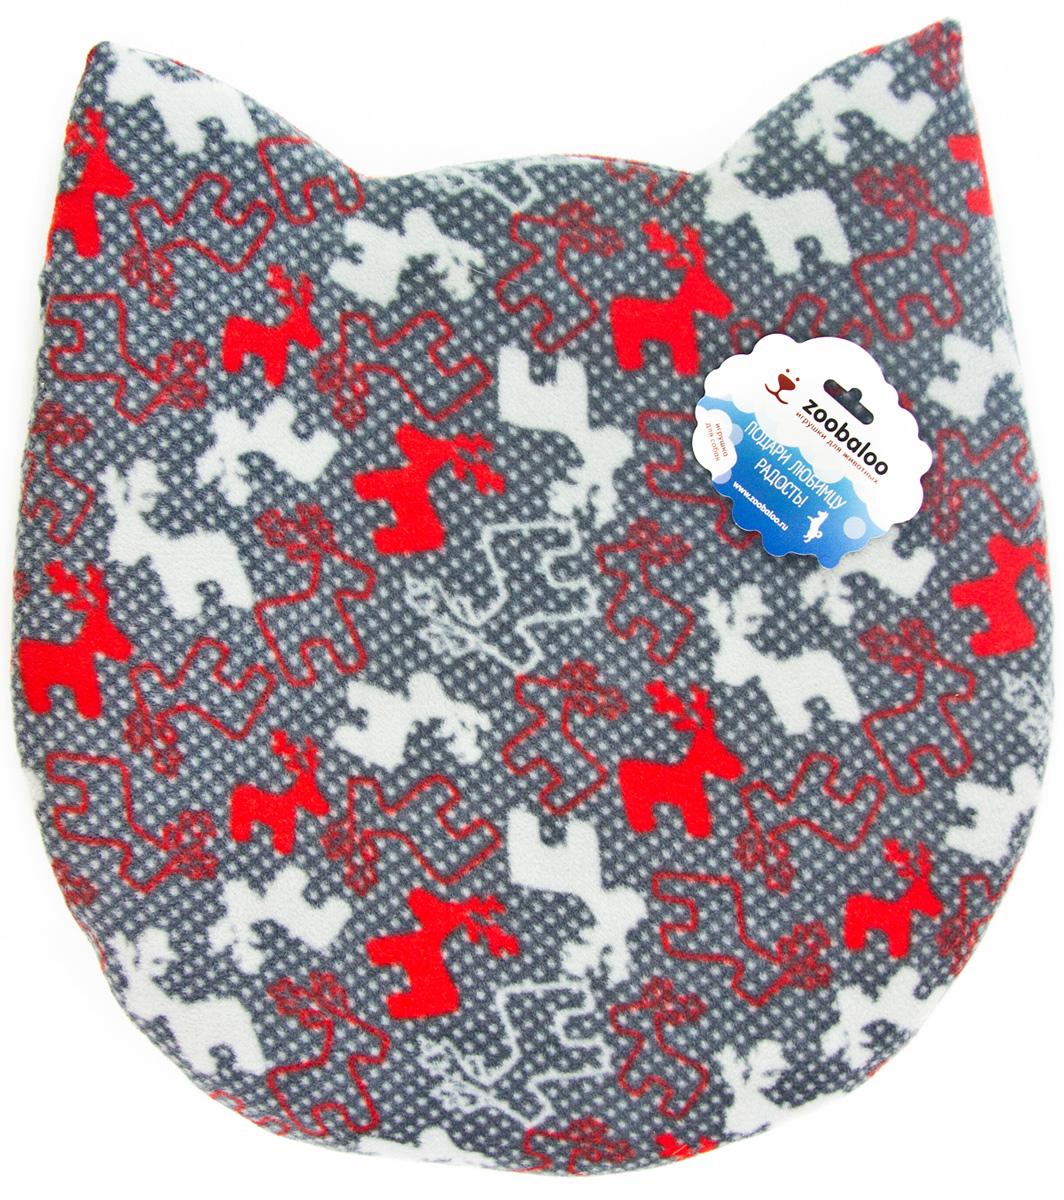 Лежак-коврик для животных Zoobaloo Мордашка. Олени, 45 х 50 см564Великолепный флисовый лежак-коврик Zoobaloo - это отличный аксессуар для вашего питомца, на котором можно спать, играться и снова, приятно устав, заснуть. Он идеально подходит для полов с любым покрытием. Изделиеподдерживает температурный баланс вашего питомца в любоевремя года. Наполнитель выполнен из синтепона.